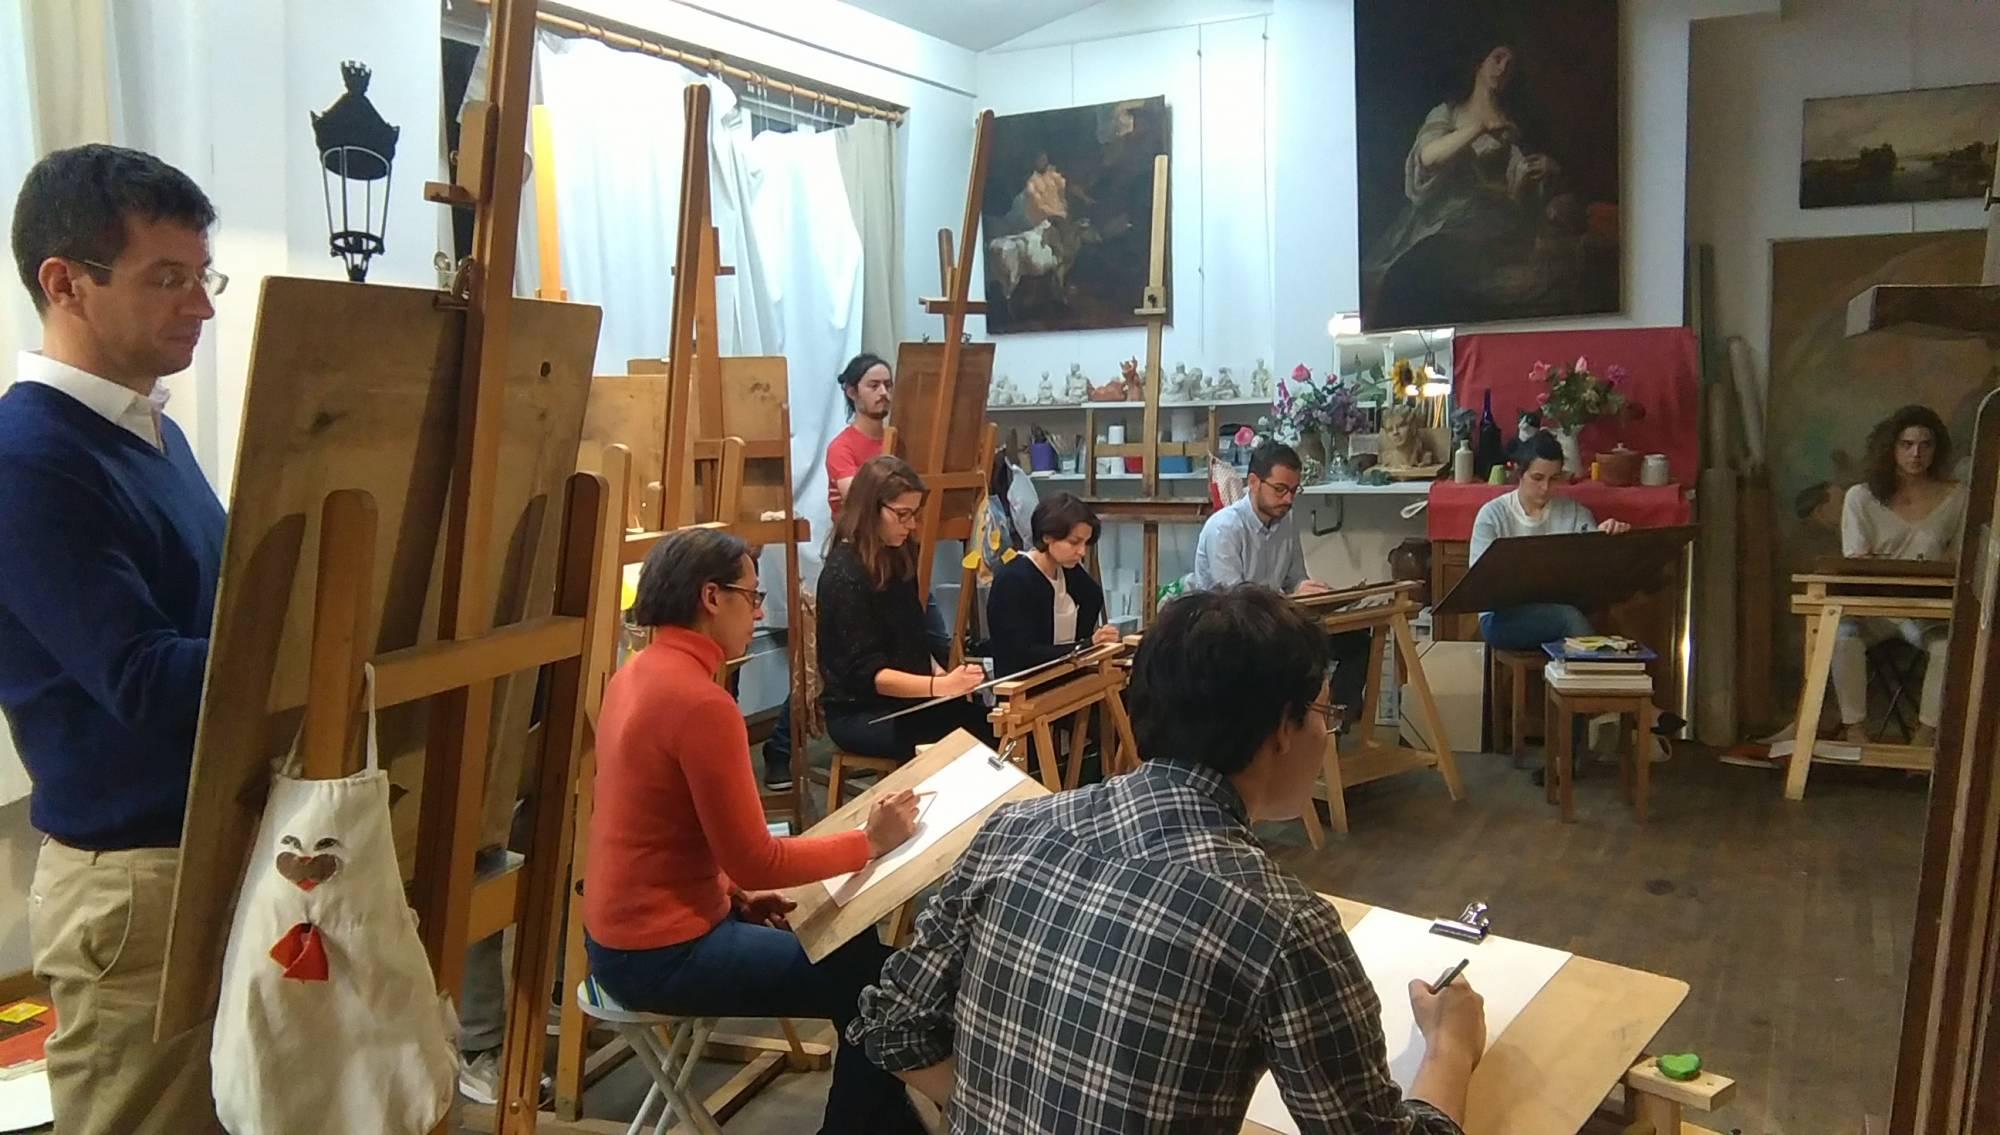 apprendre le dessin avec un professeur proche Paris 2 ème